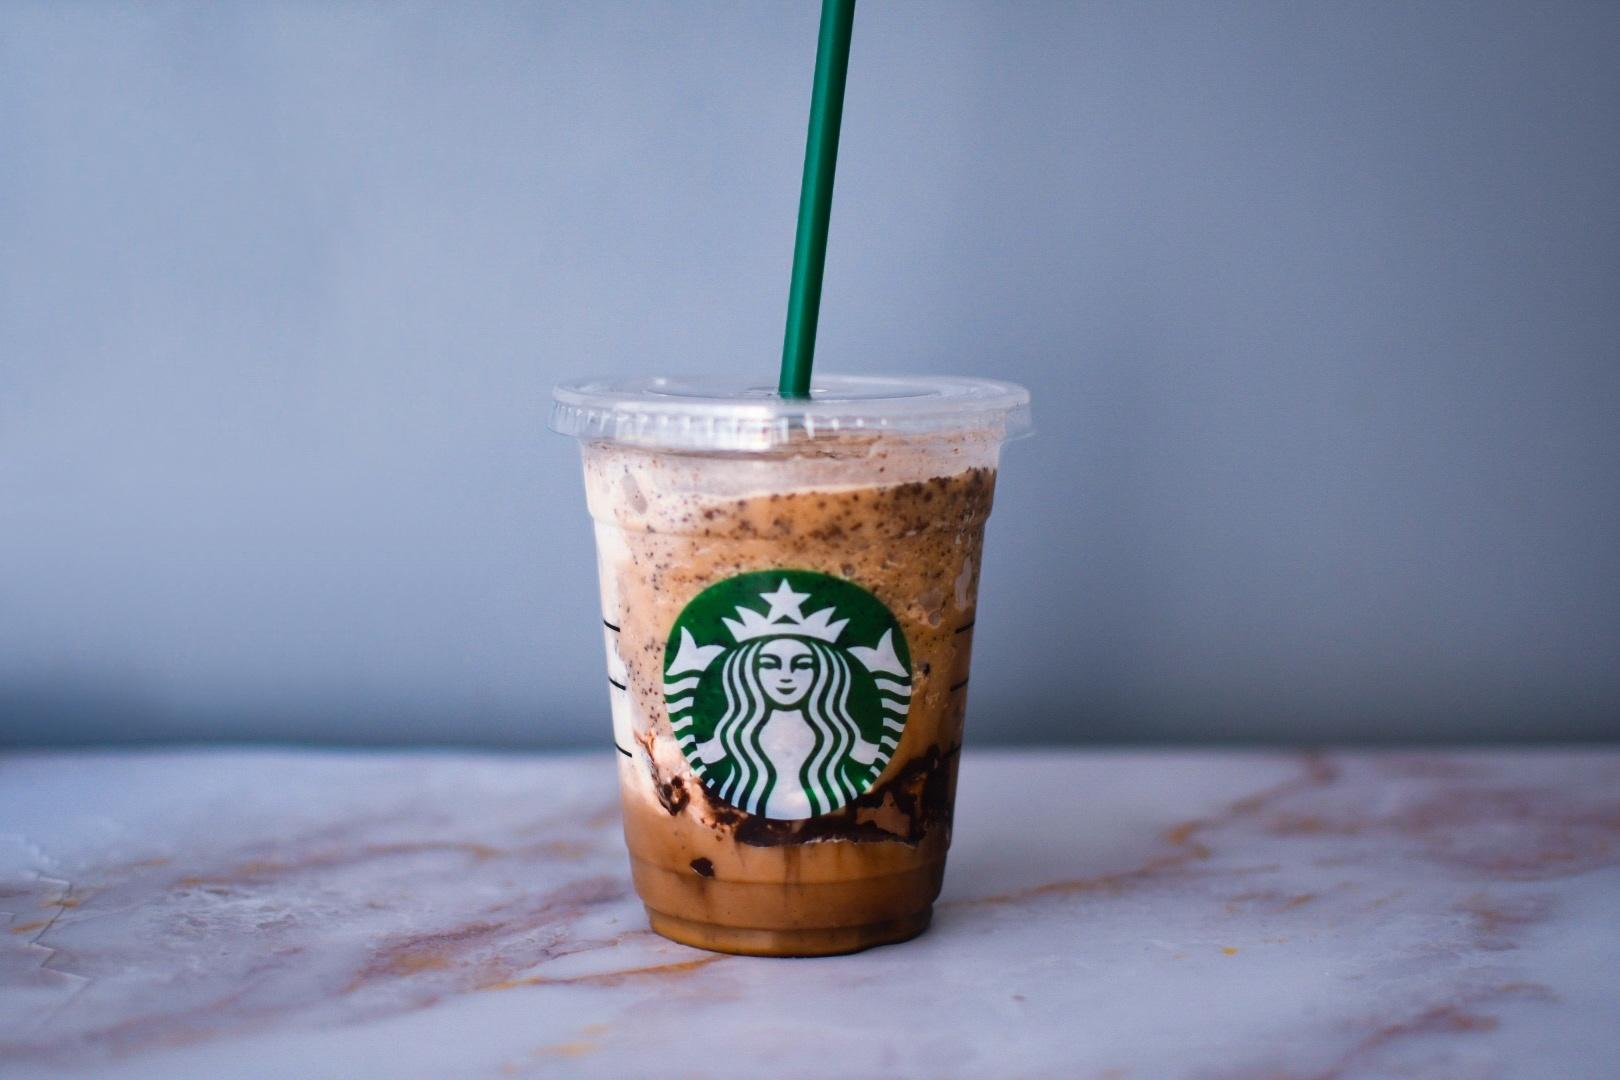 モバイルオーダー&ペイ、デリバリーでのみ注文できるスターバックスコーヒーの「チャイ チョコレート フラペチーノ」